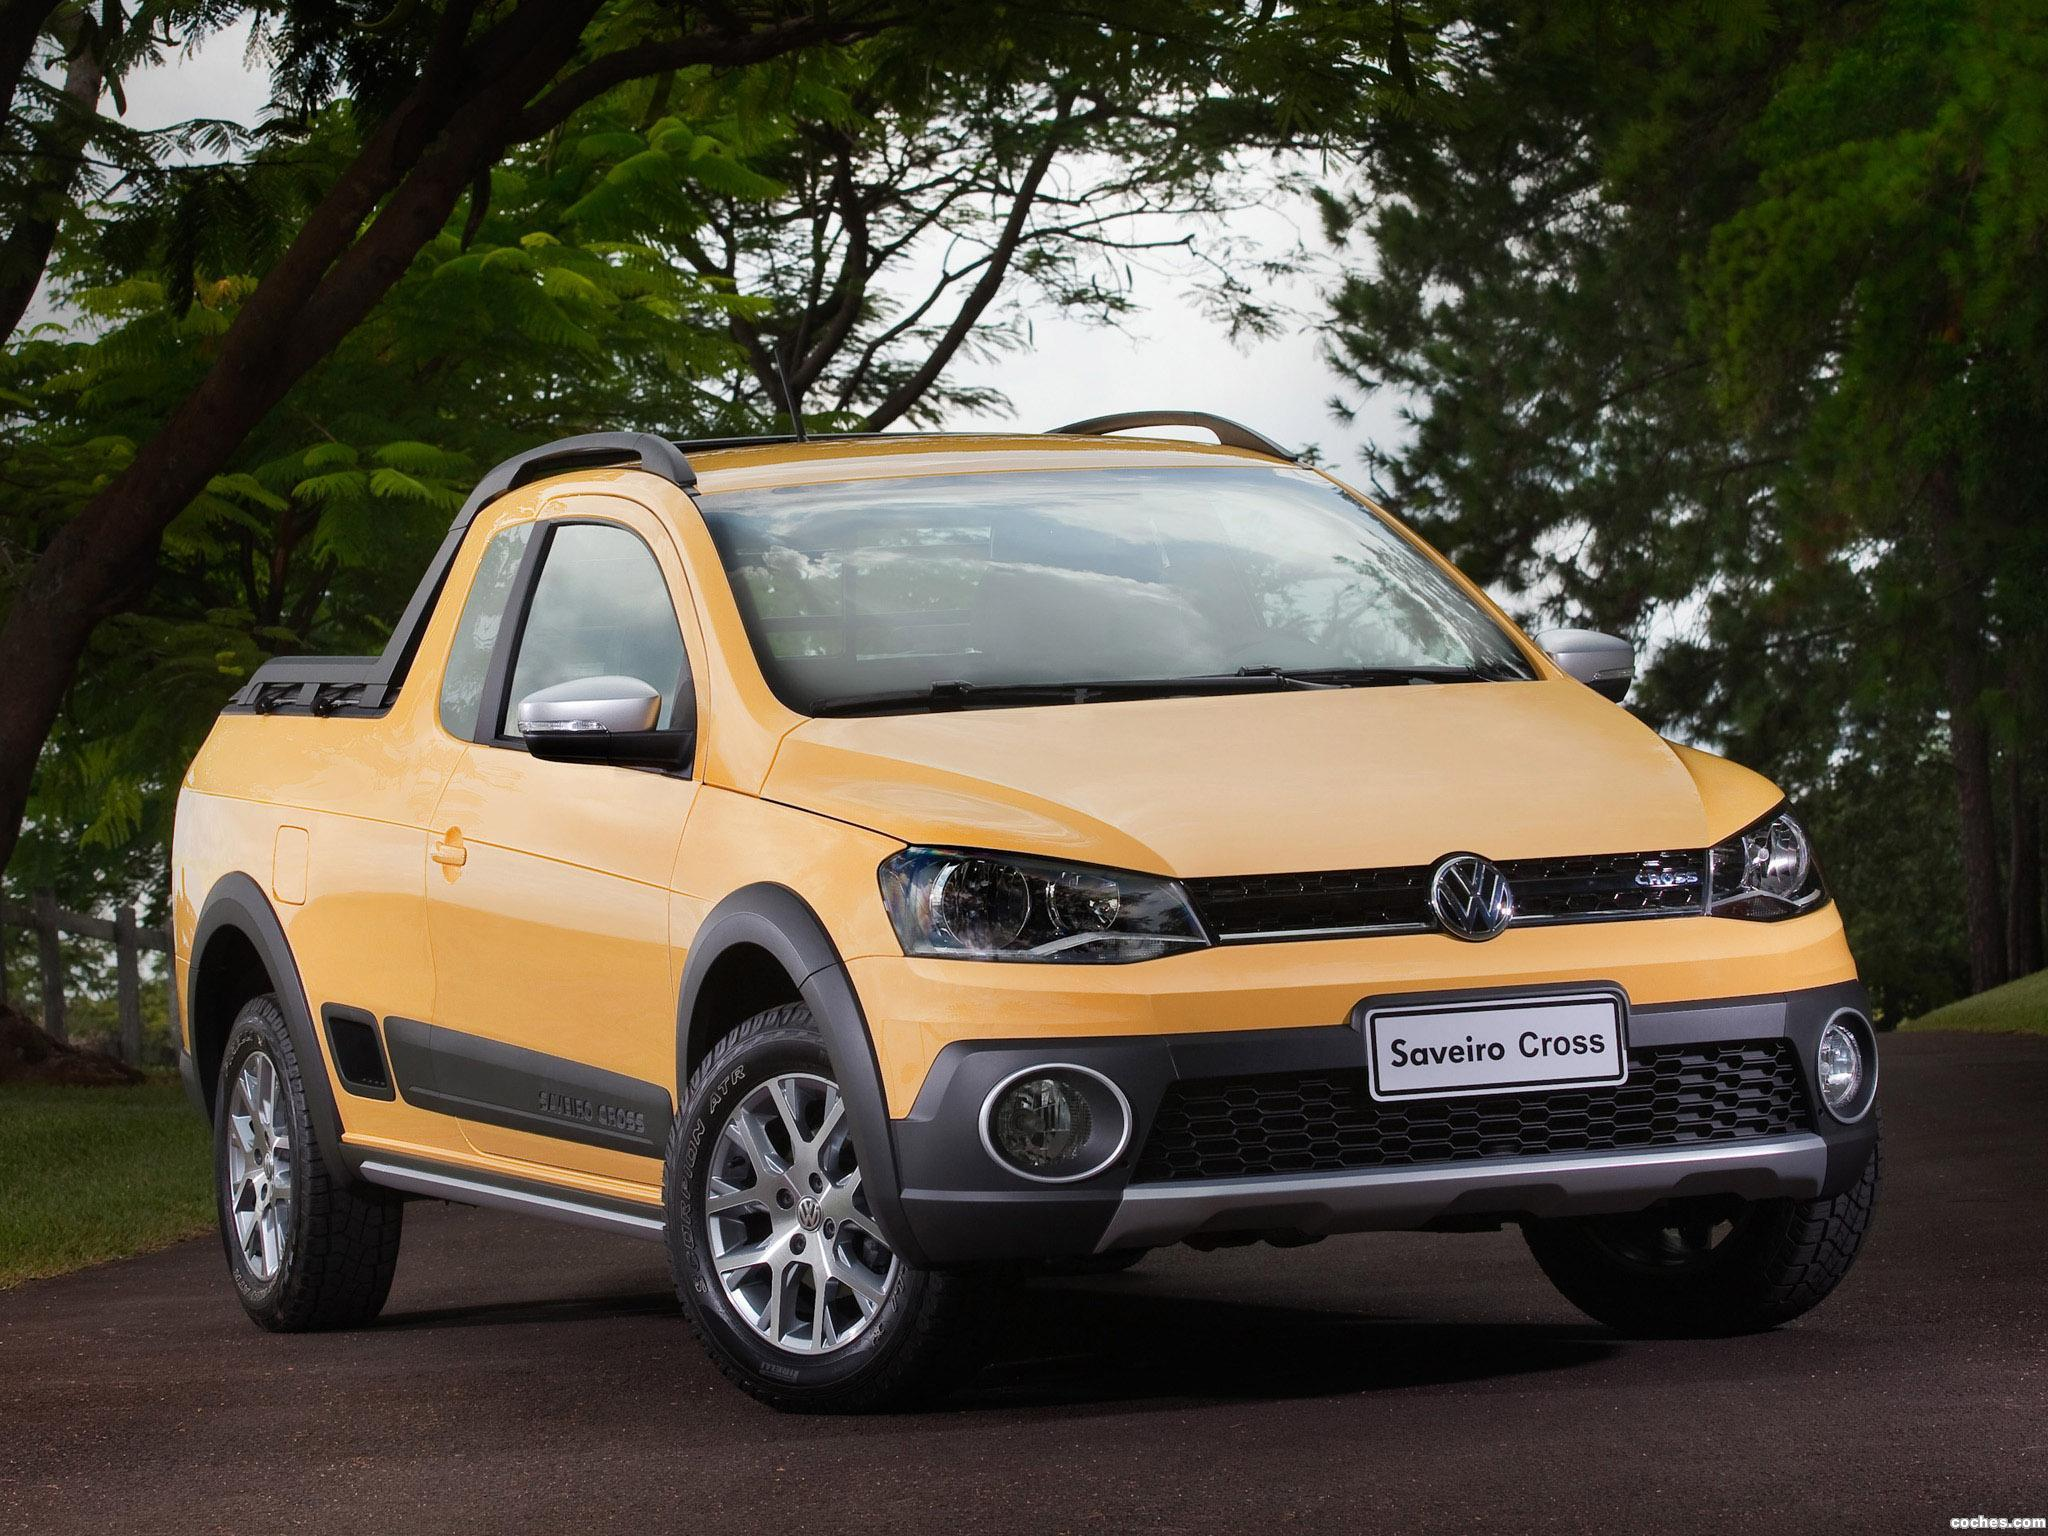 Foto 0 de Volkswagen Saveiro Cross 2013